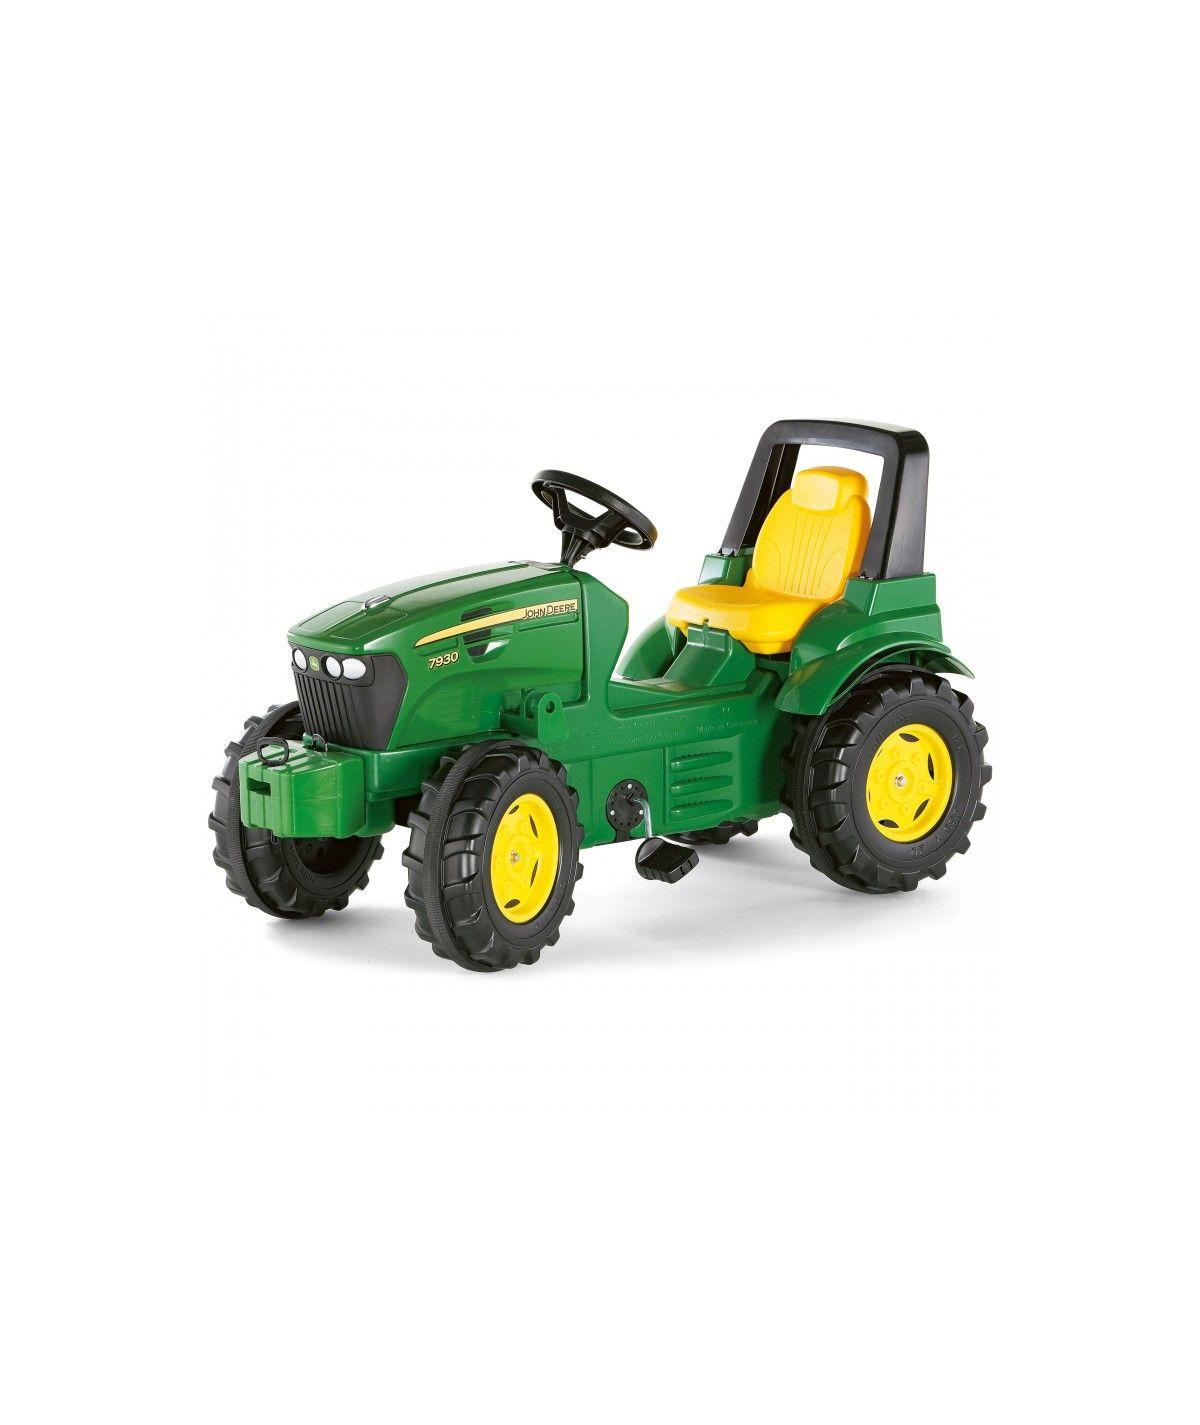 Pin On Traktorki